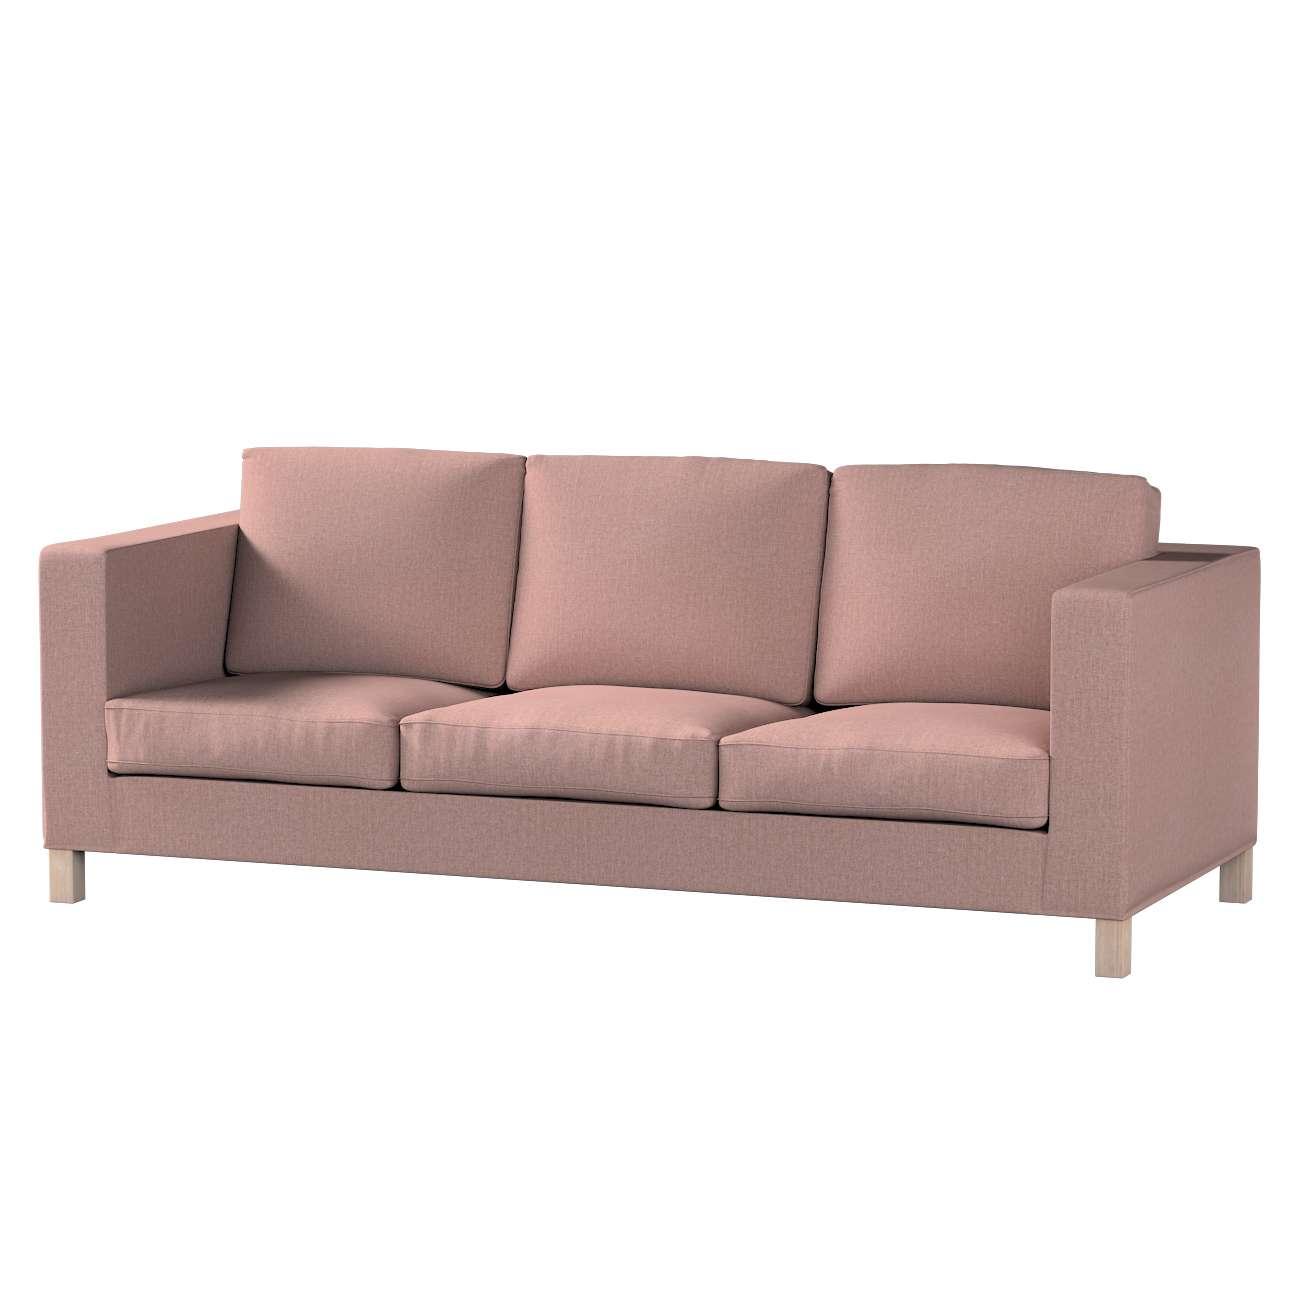 Pokrowiec na sofę Karlanda 3-osobową nierozkładaną, krótki w kolekcji City, tkanina: 704-83